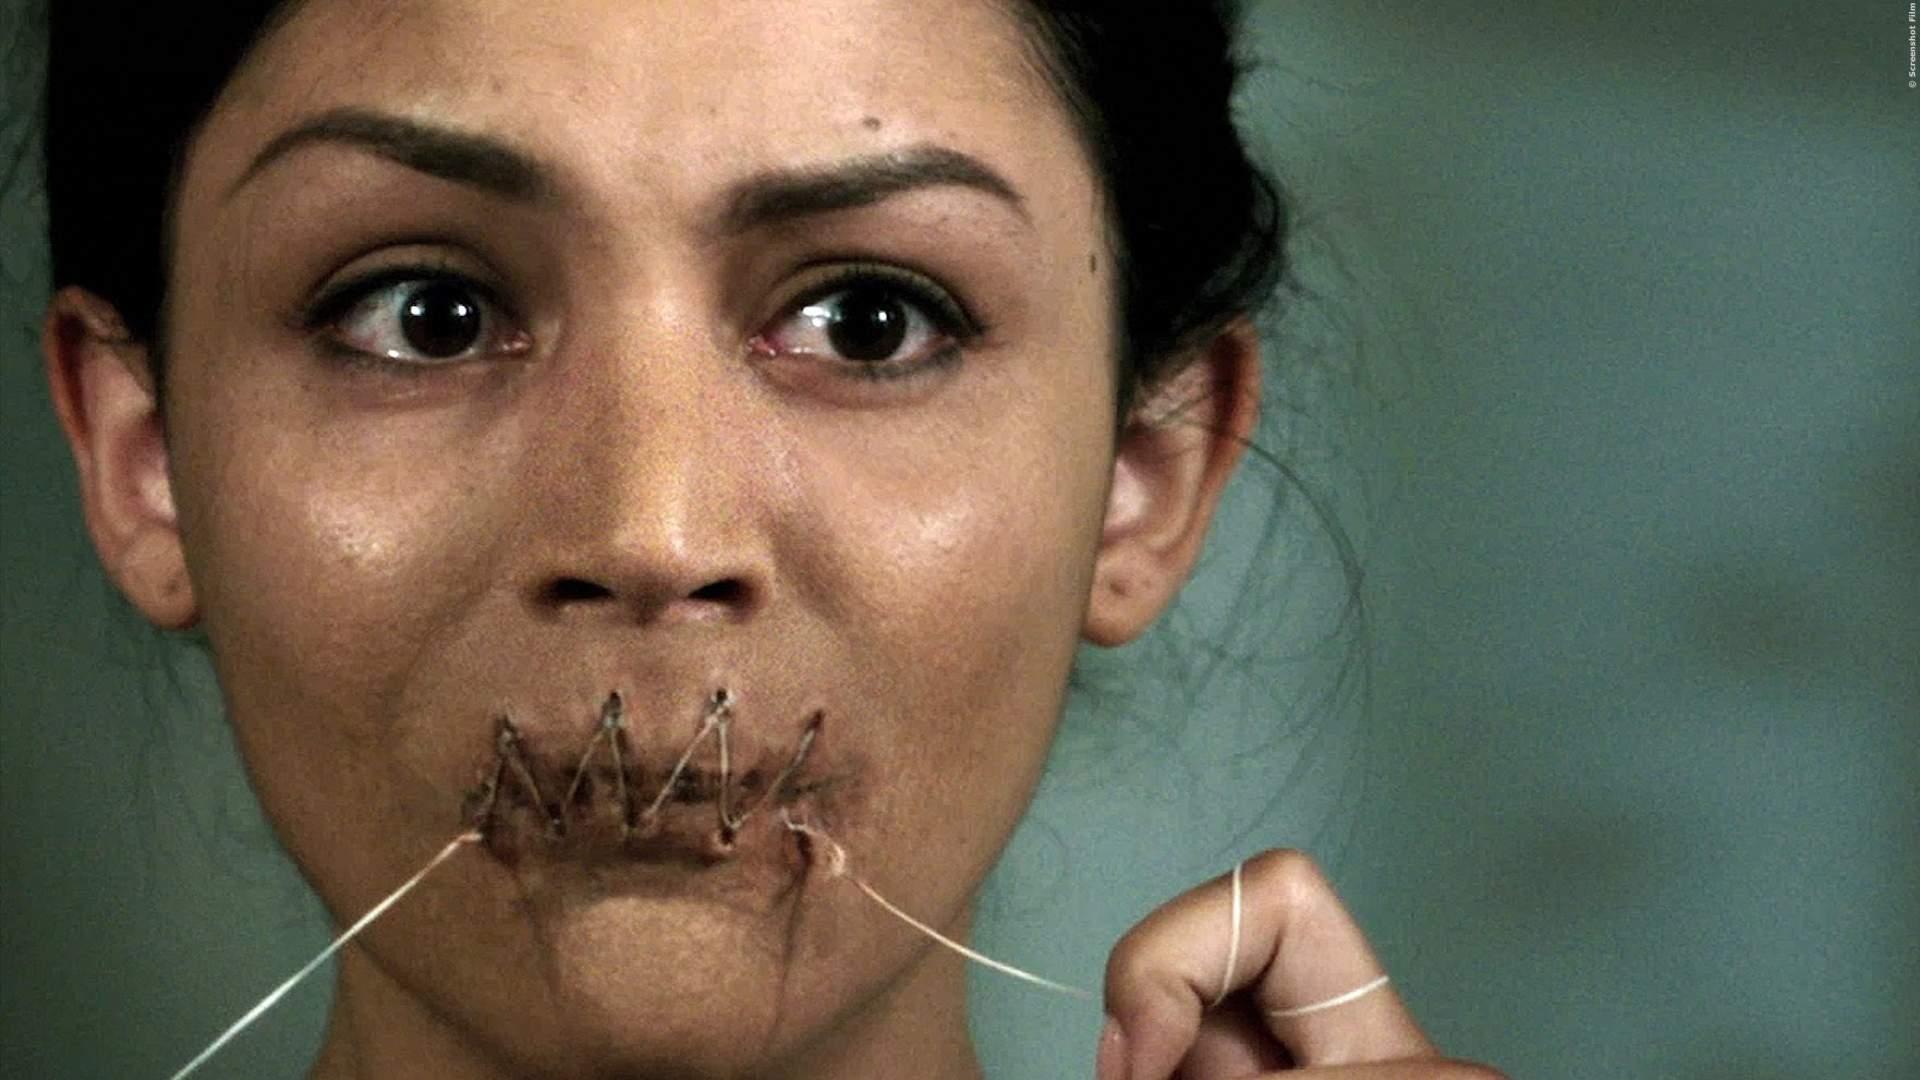 Um den Würmern zu entgehen